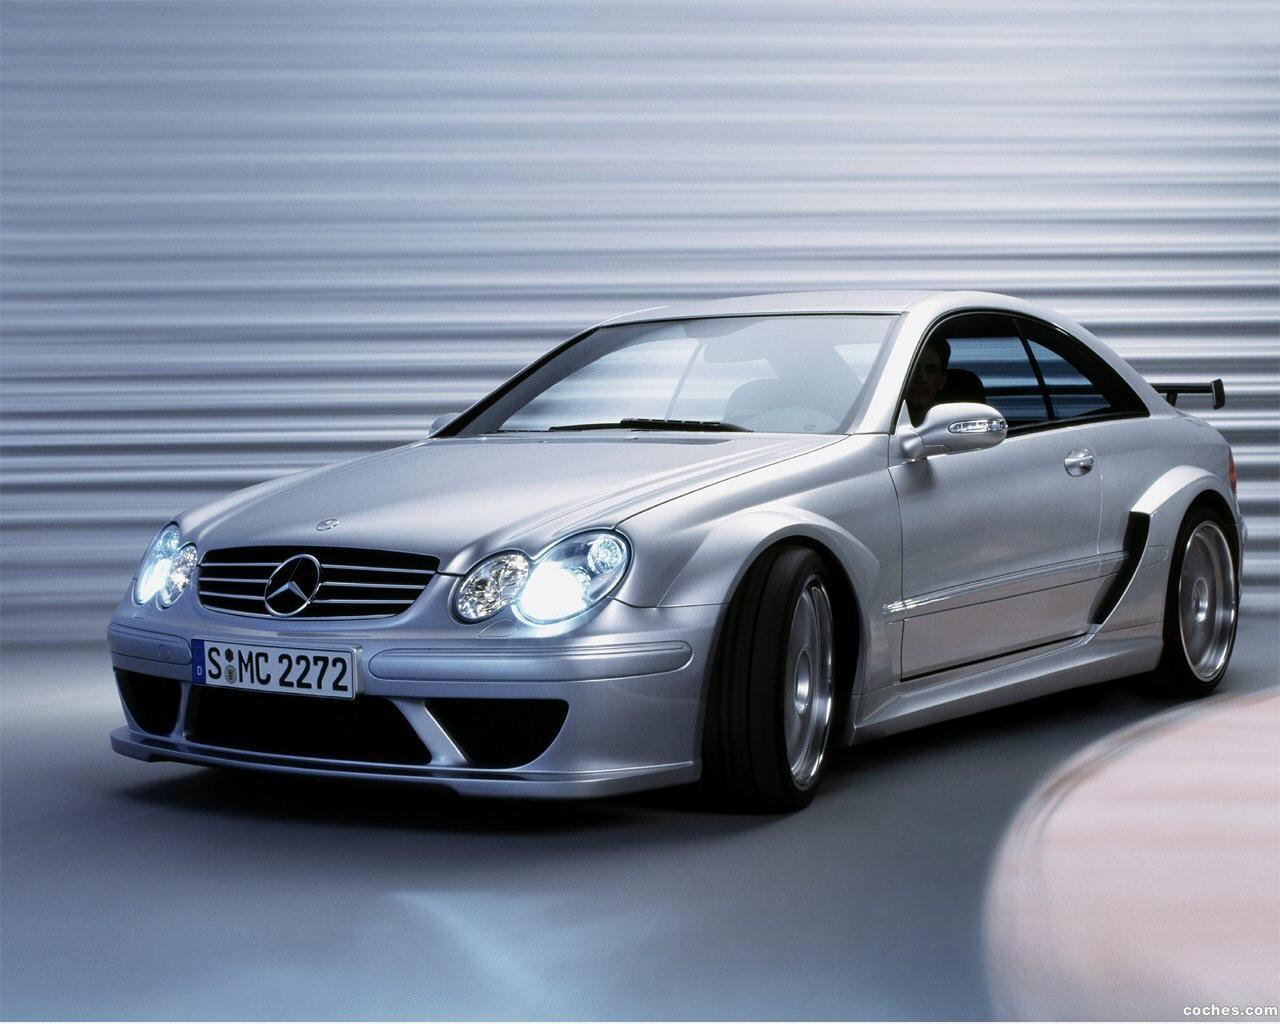 Foto 0 de Mercedes CLK DTM AMG 2004